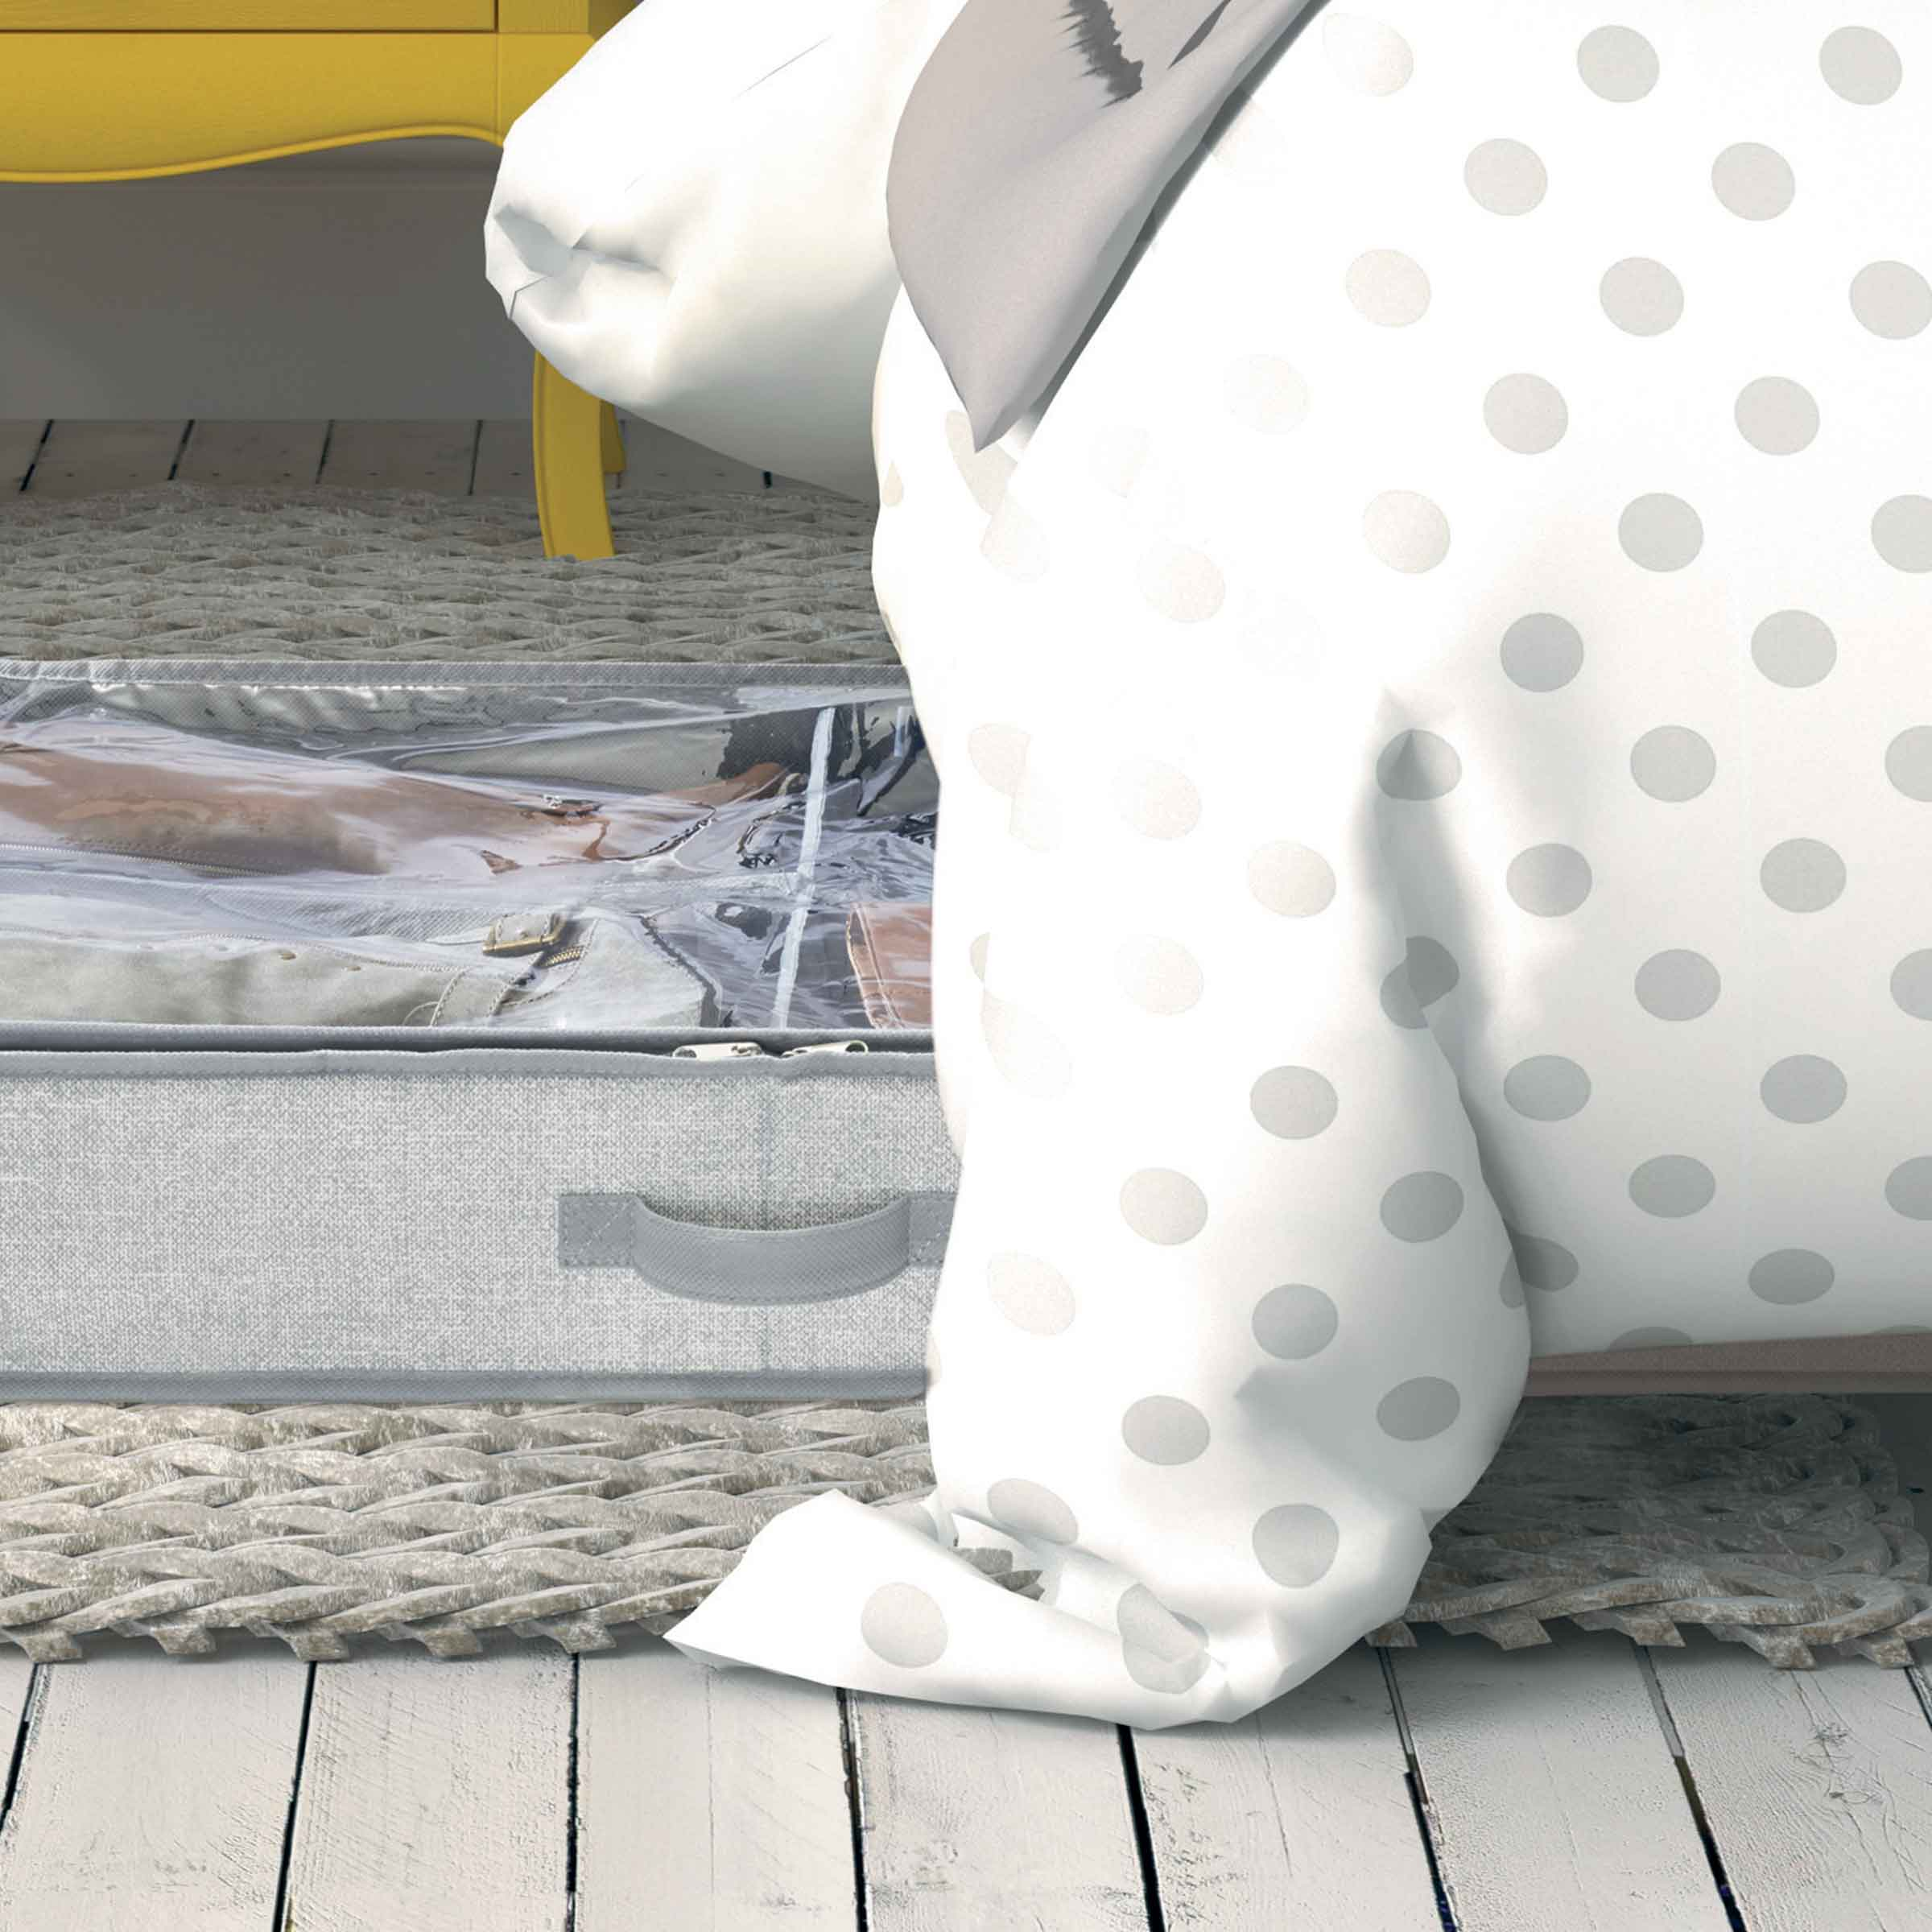 Housse de rangement sous le lit avec fenêtre en plastique transparent pour bottes